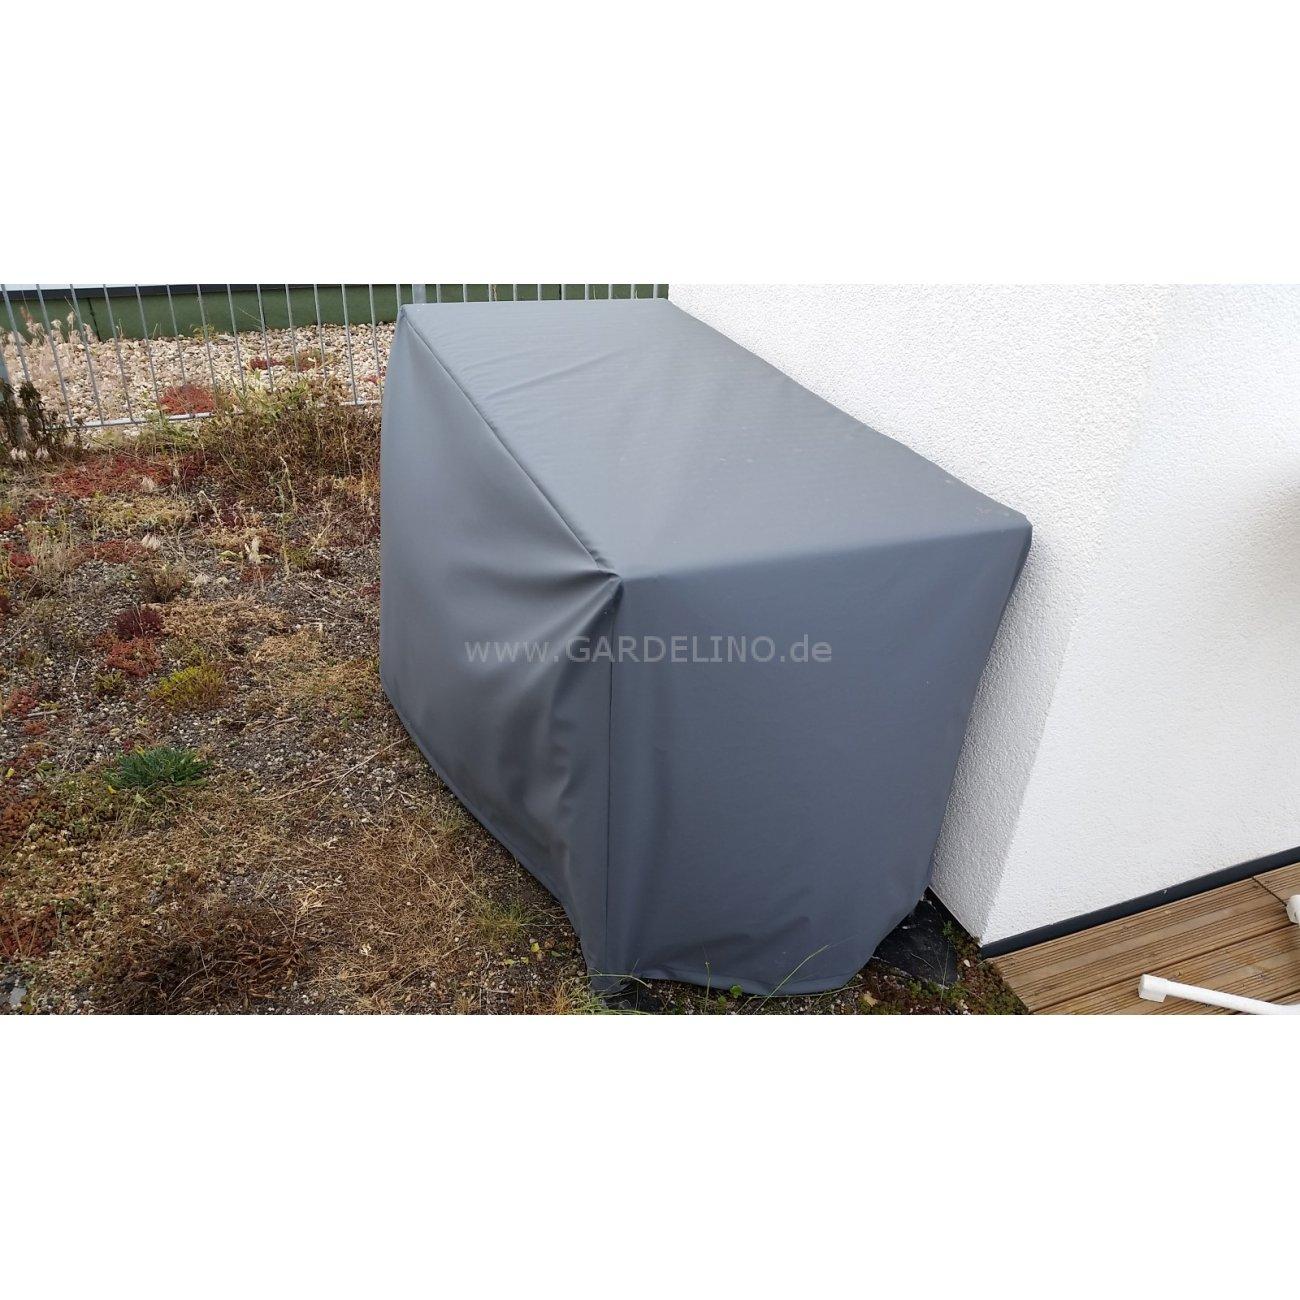 Individuelle Wetterschutzhülle / Abdeckhaube für Auße